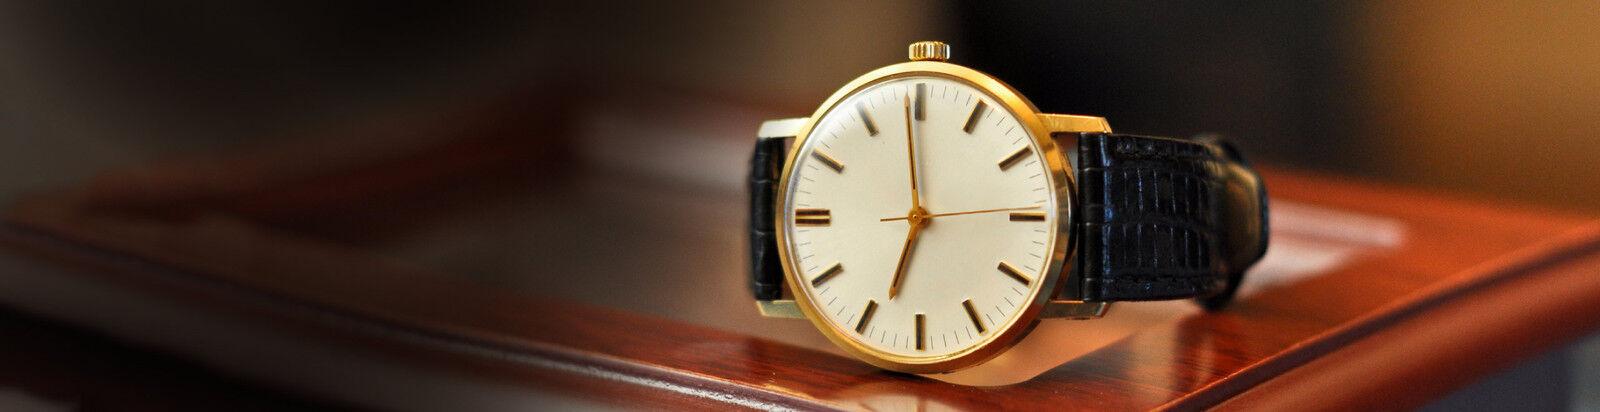 Orologi di secondo polso: la classe non ha tempo.